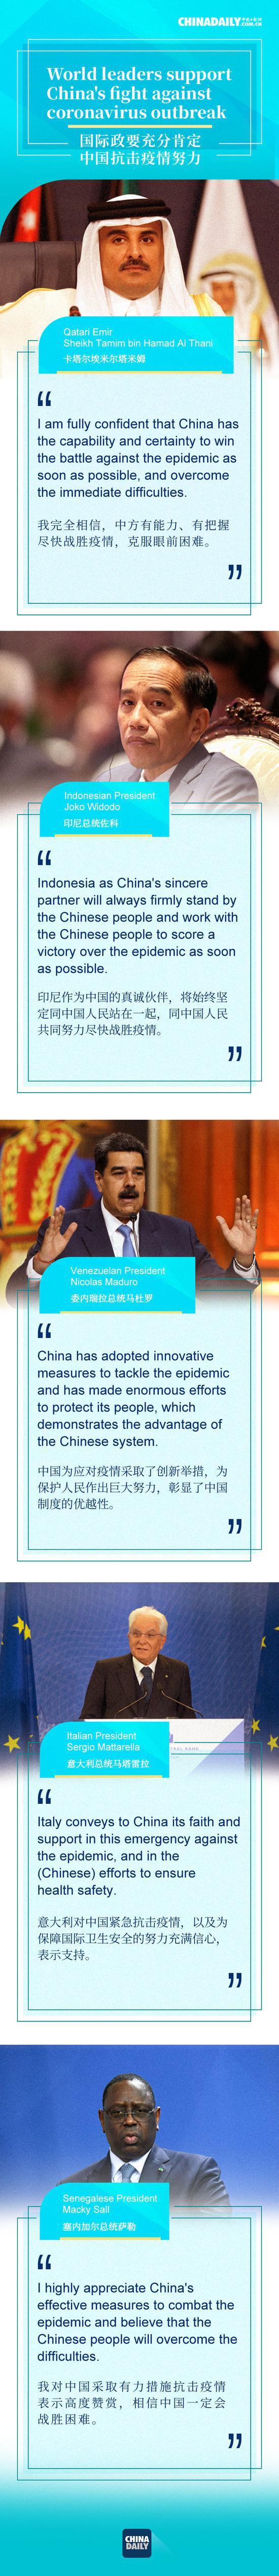 国际政要充分肯定中国抗击疫情努力图片